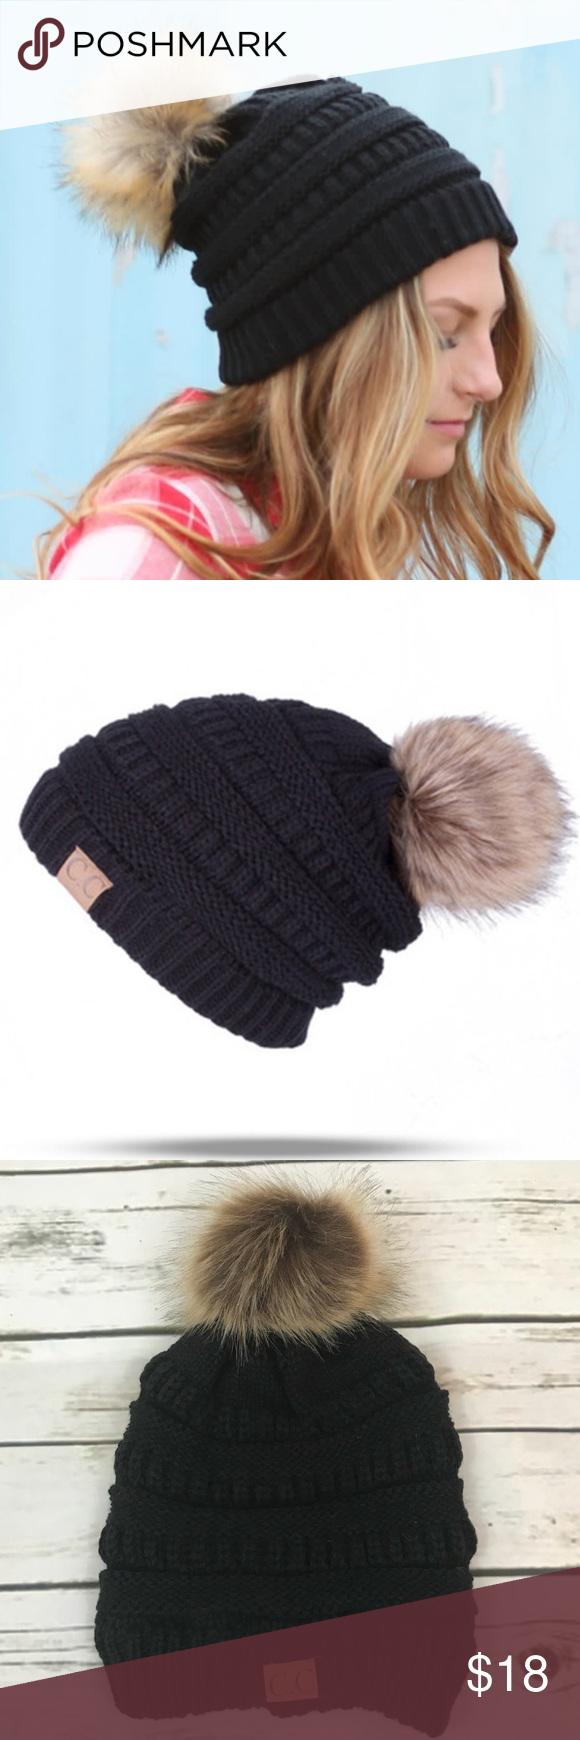 d5686692816 C.C Black Cable Knit Beanie Faux Fur Pom Pom C.C Black Cable Knit Beanie  Faux Fur